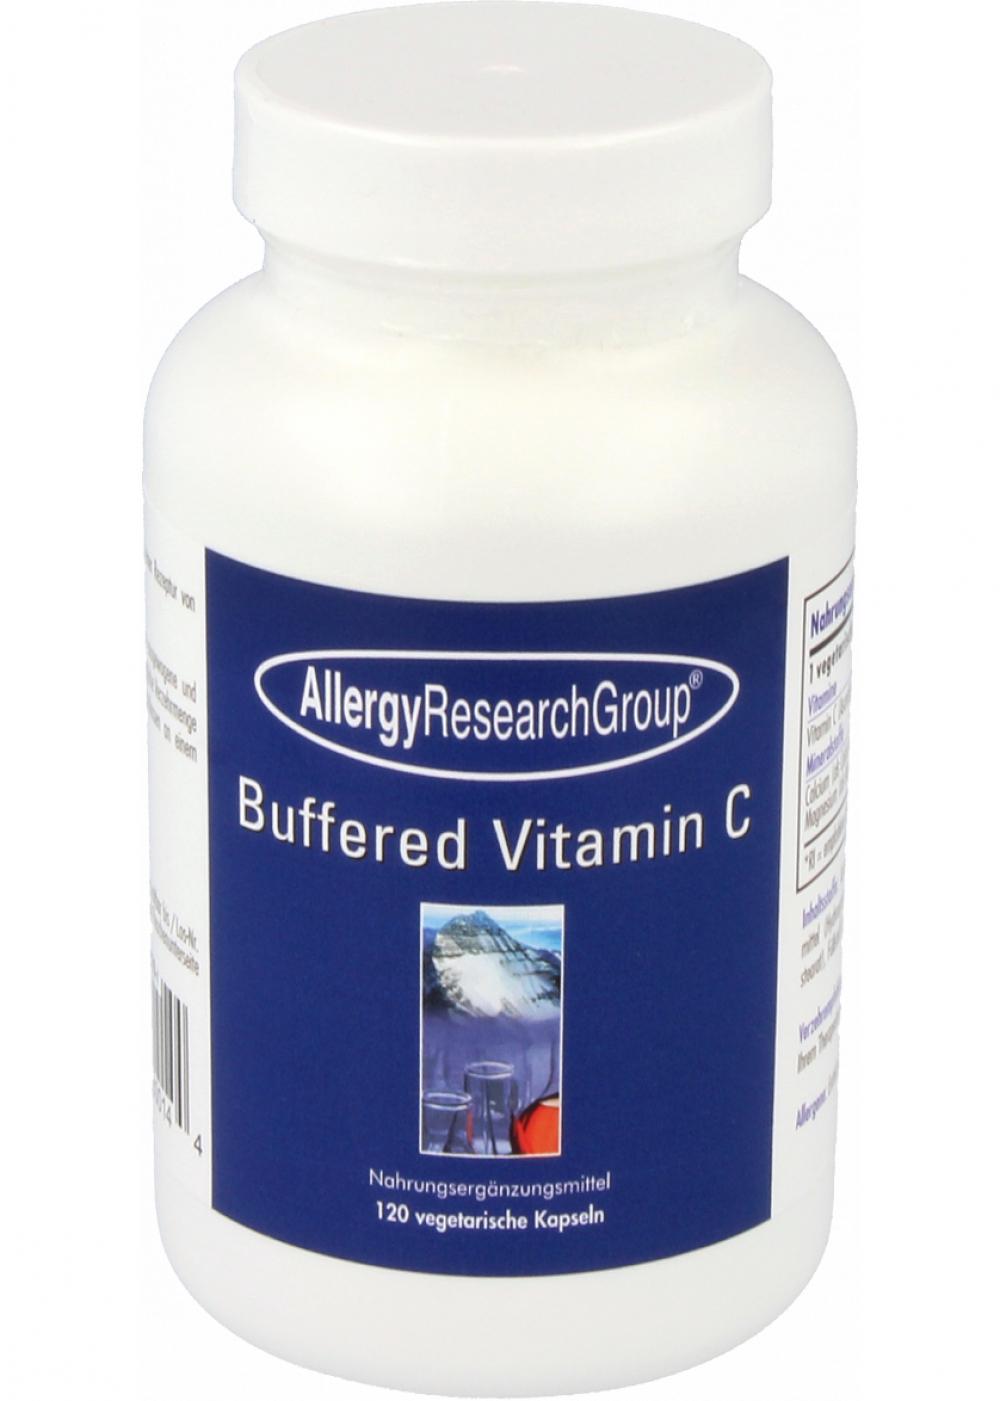 Allergy Research Group Buffered Vitamin C (aus Mais) 120 veg. Kapseln (240g)